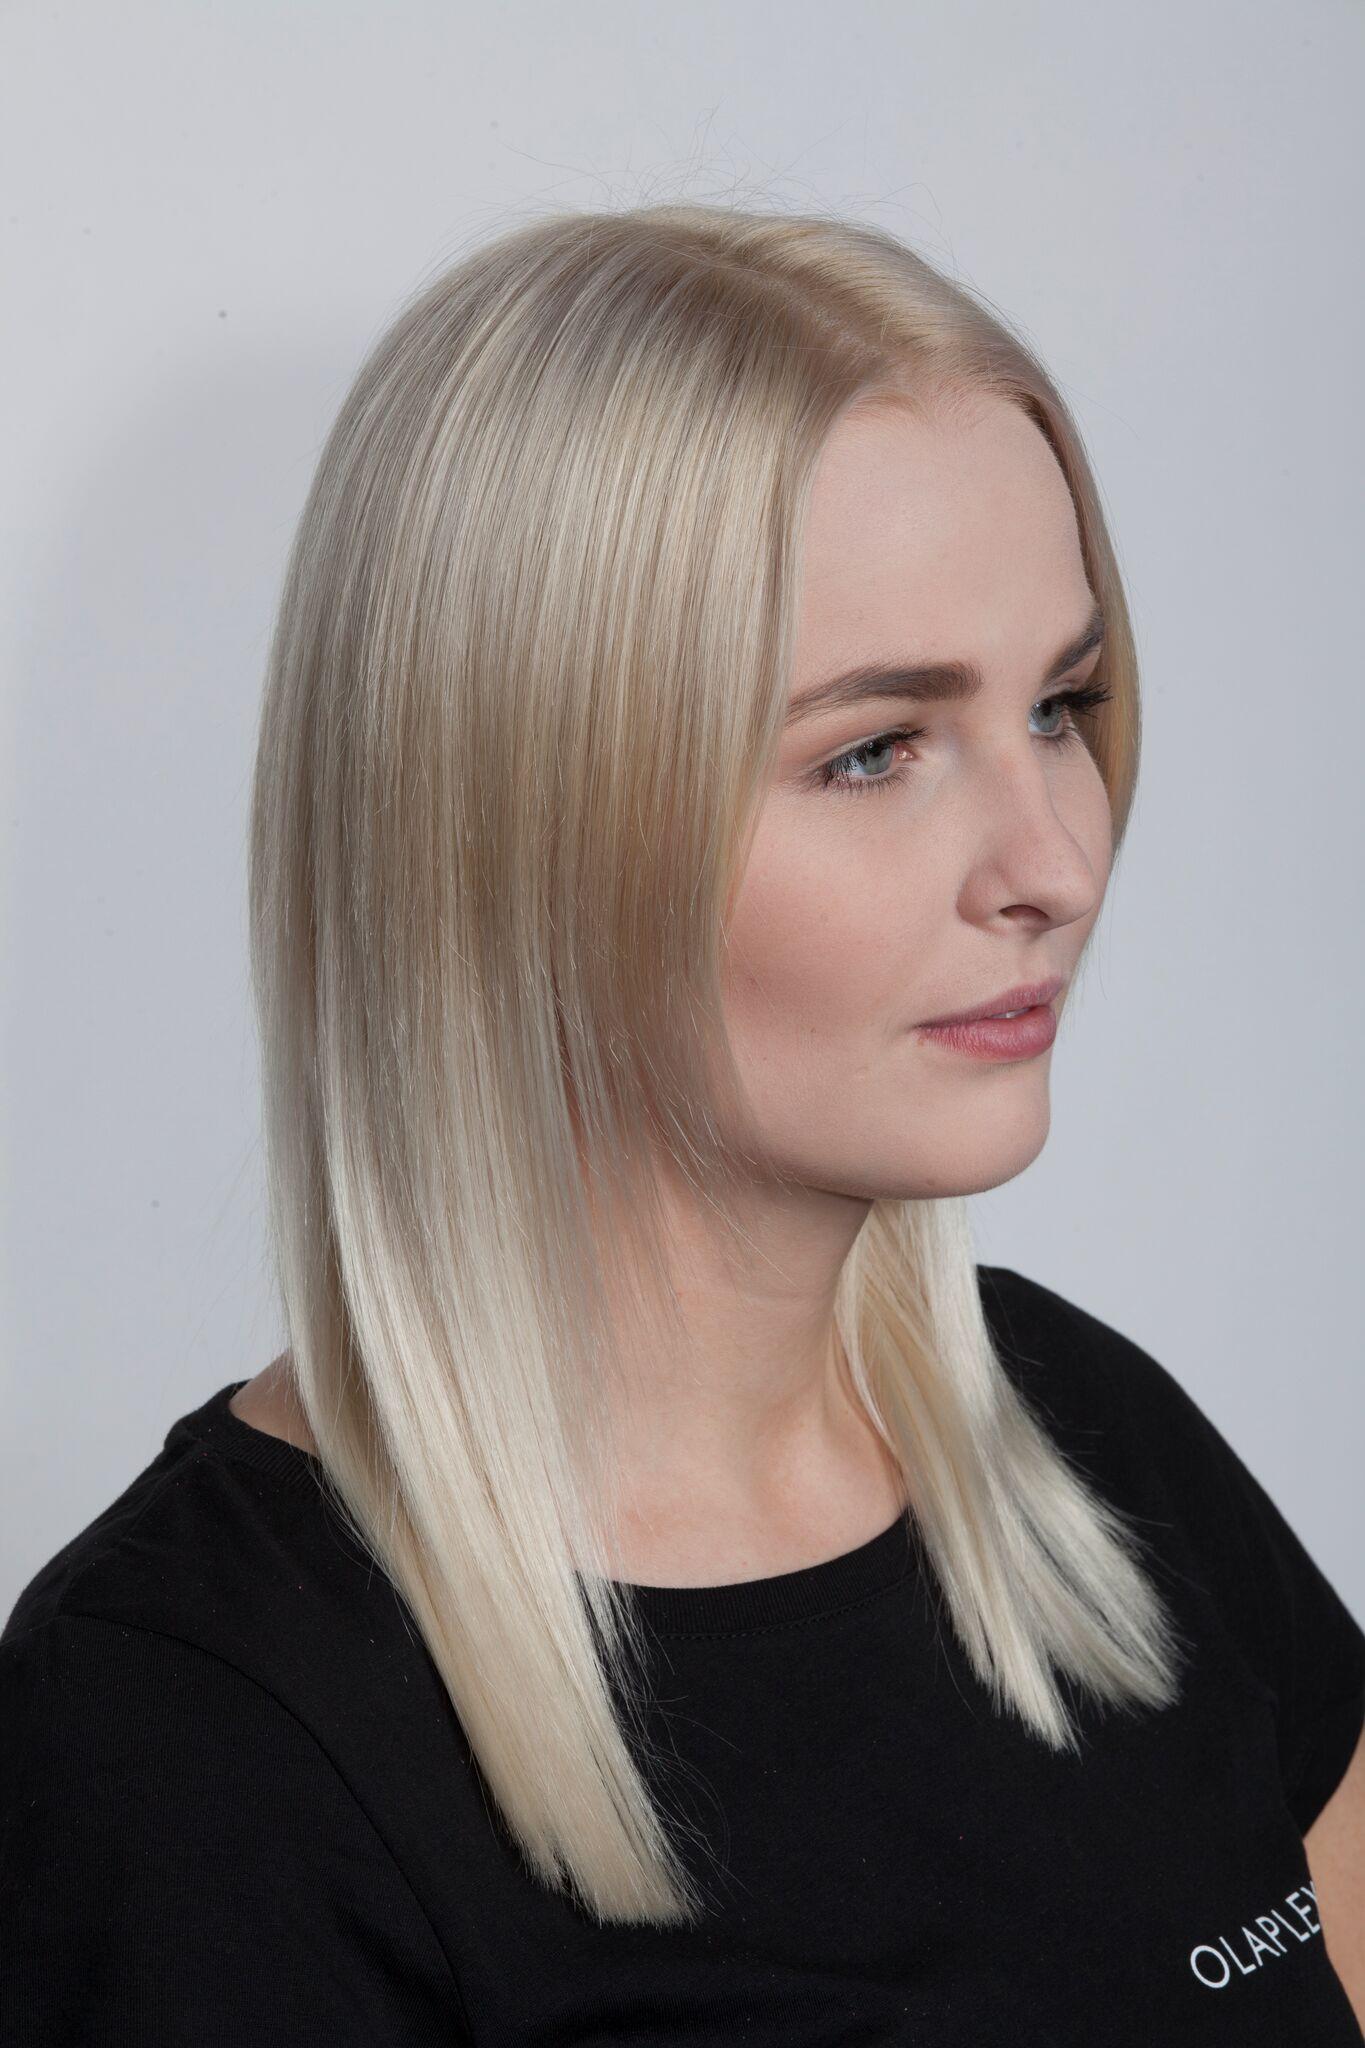 Kosten olaplex blondieren haare mit Haare Schneiden